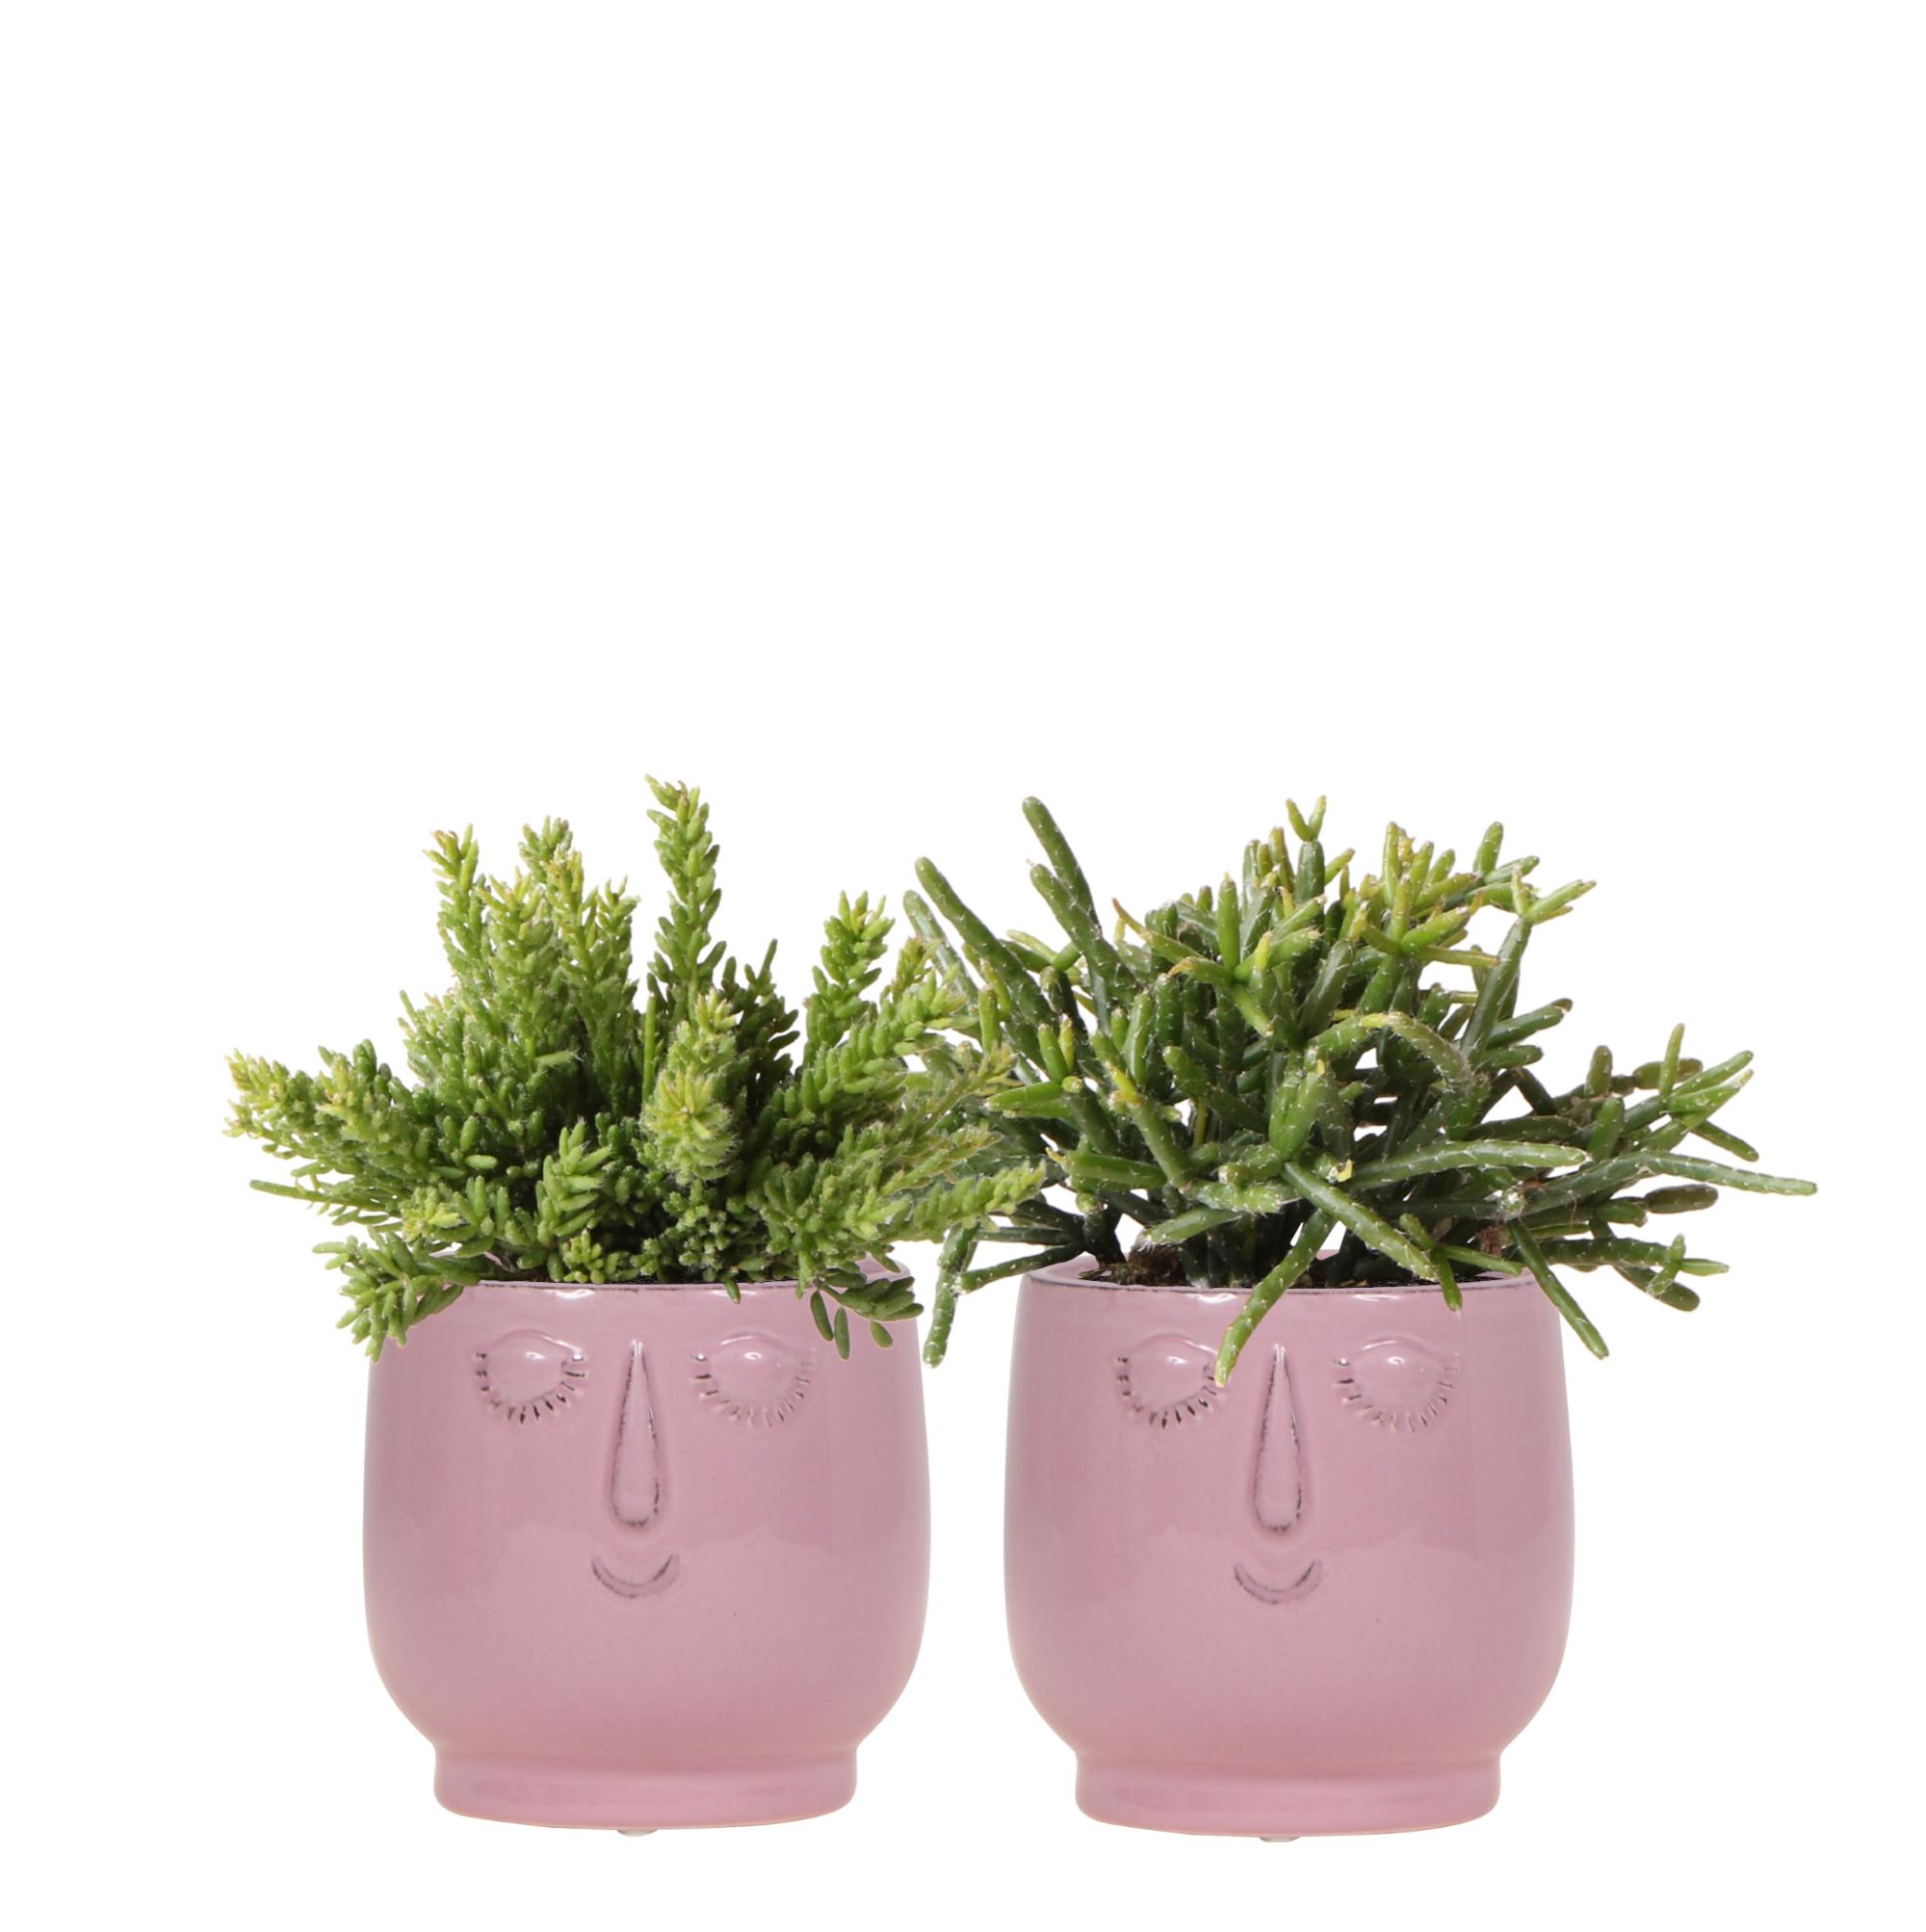 Kolibri greens Rhipsalis planten set in happy face potten roze 9cm